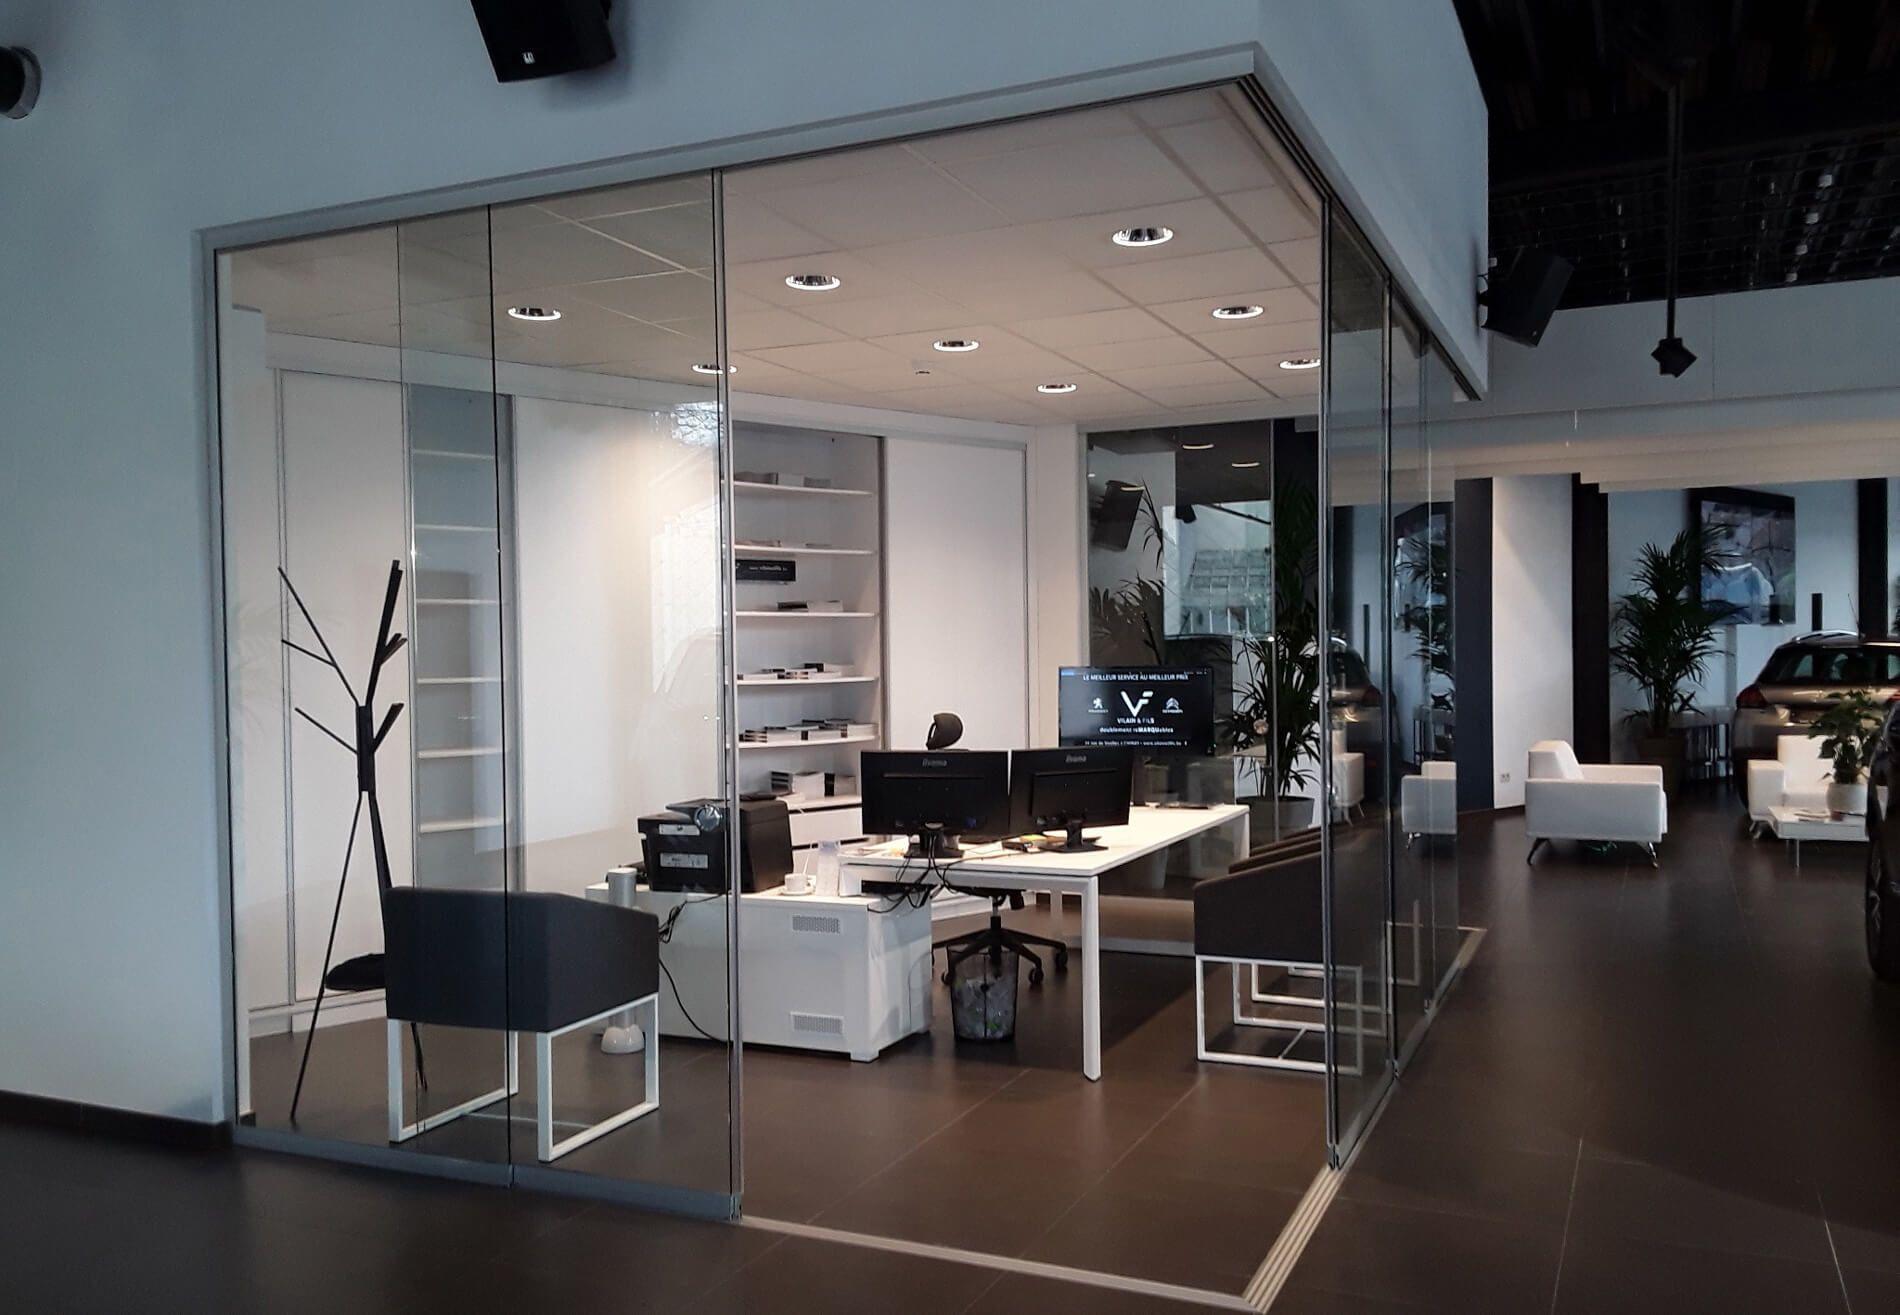 Glasverbau Büro mit flexiblen Glasschiebetüren von Sunflex